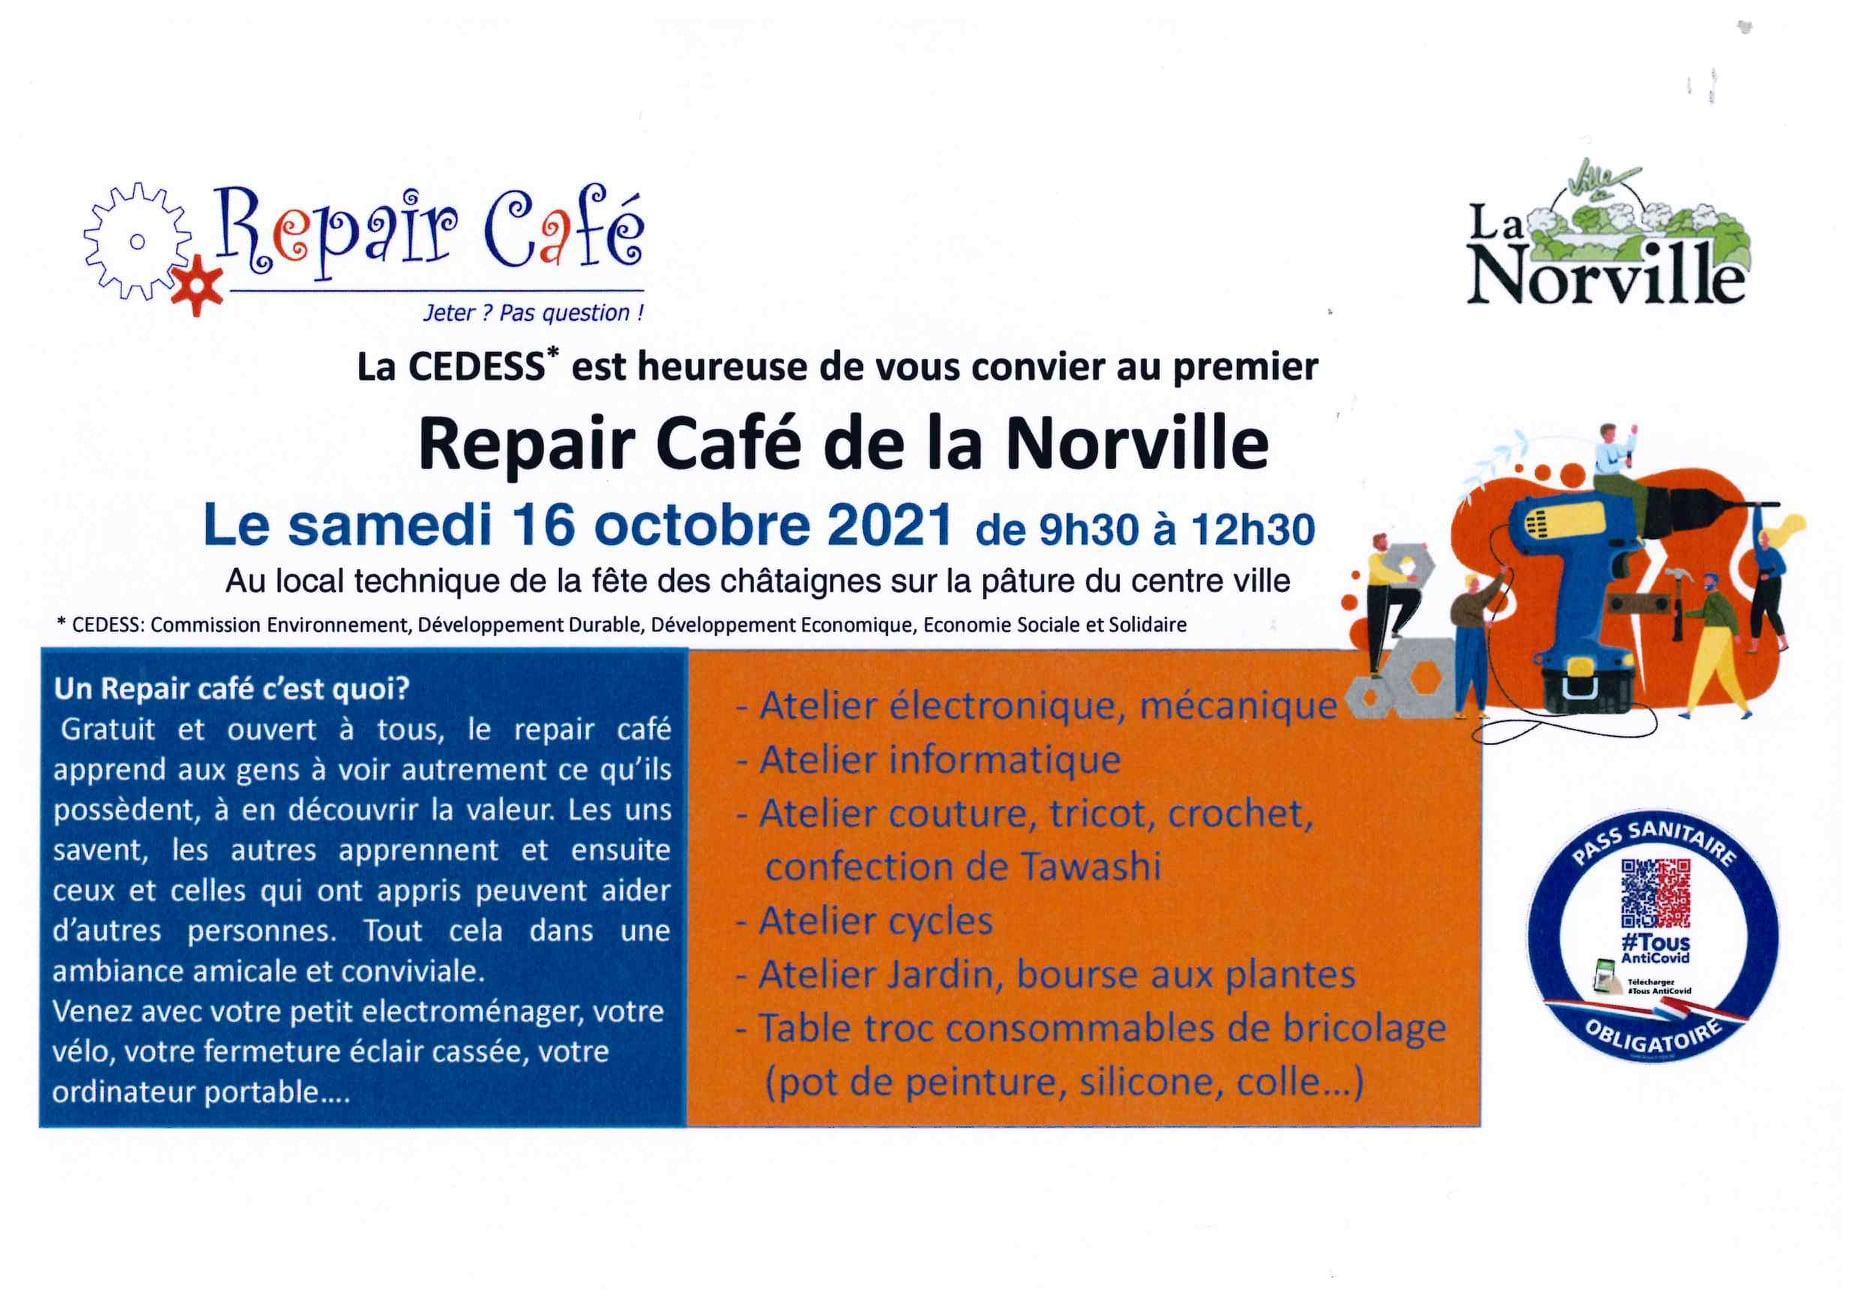 Repair cafe 16 octobre 2021